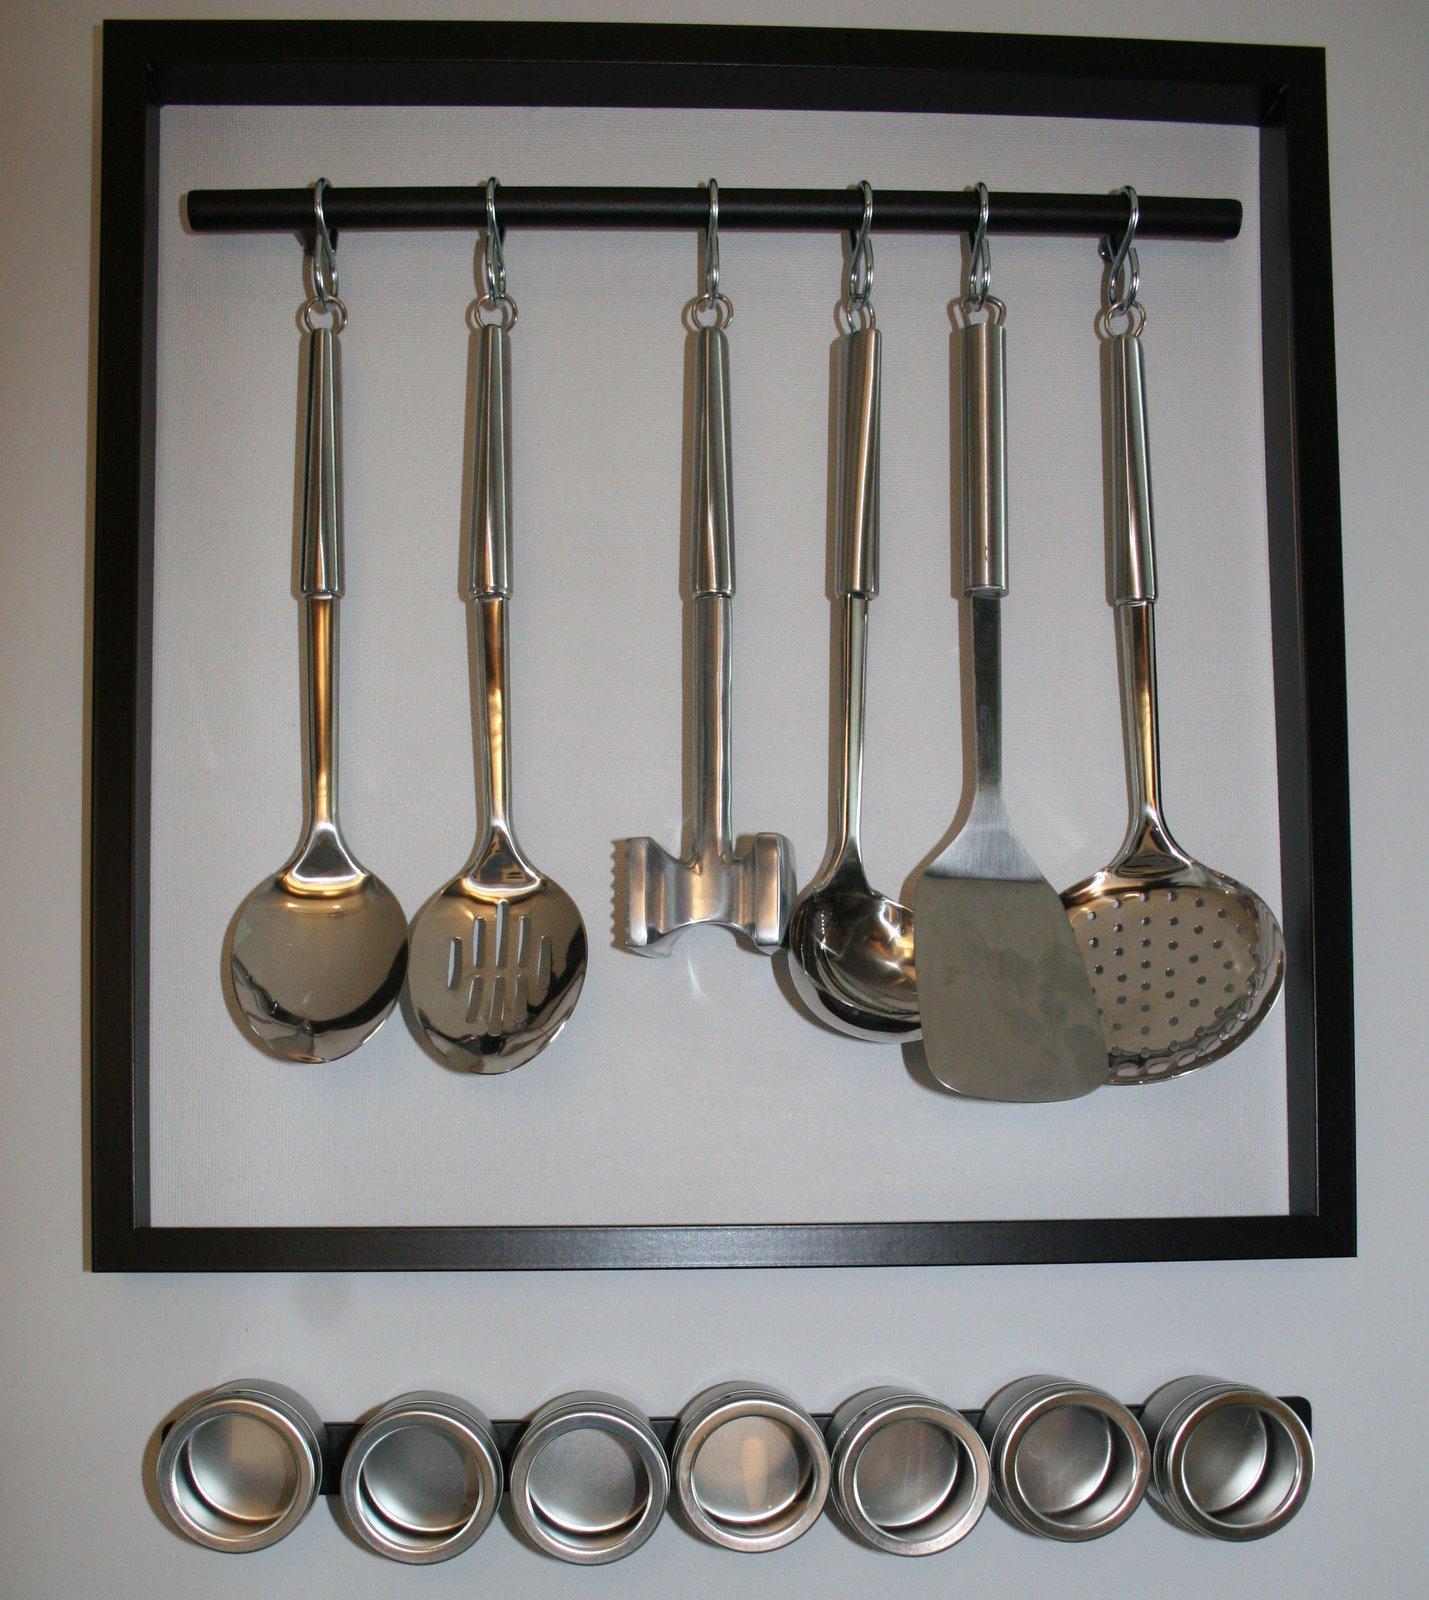 Ikea Cooking Utensils - Phandong.org